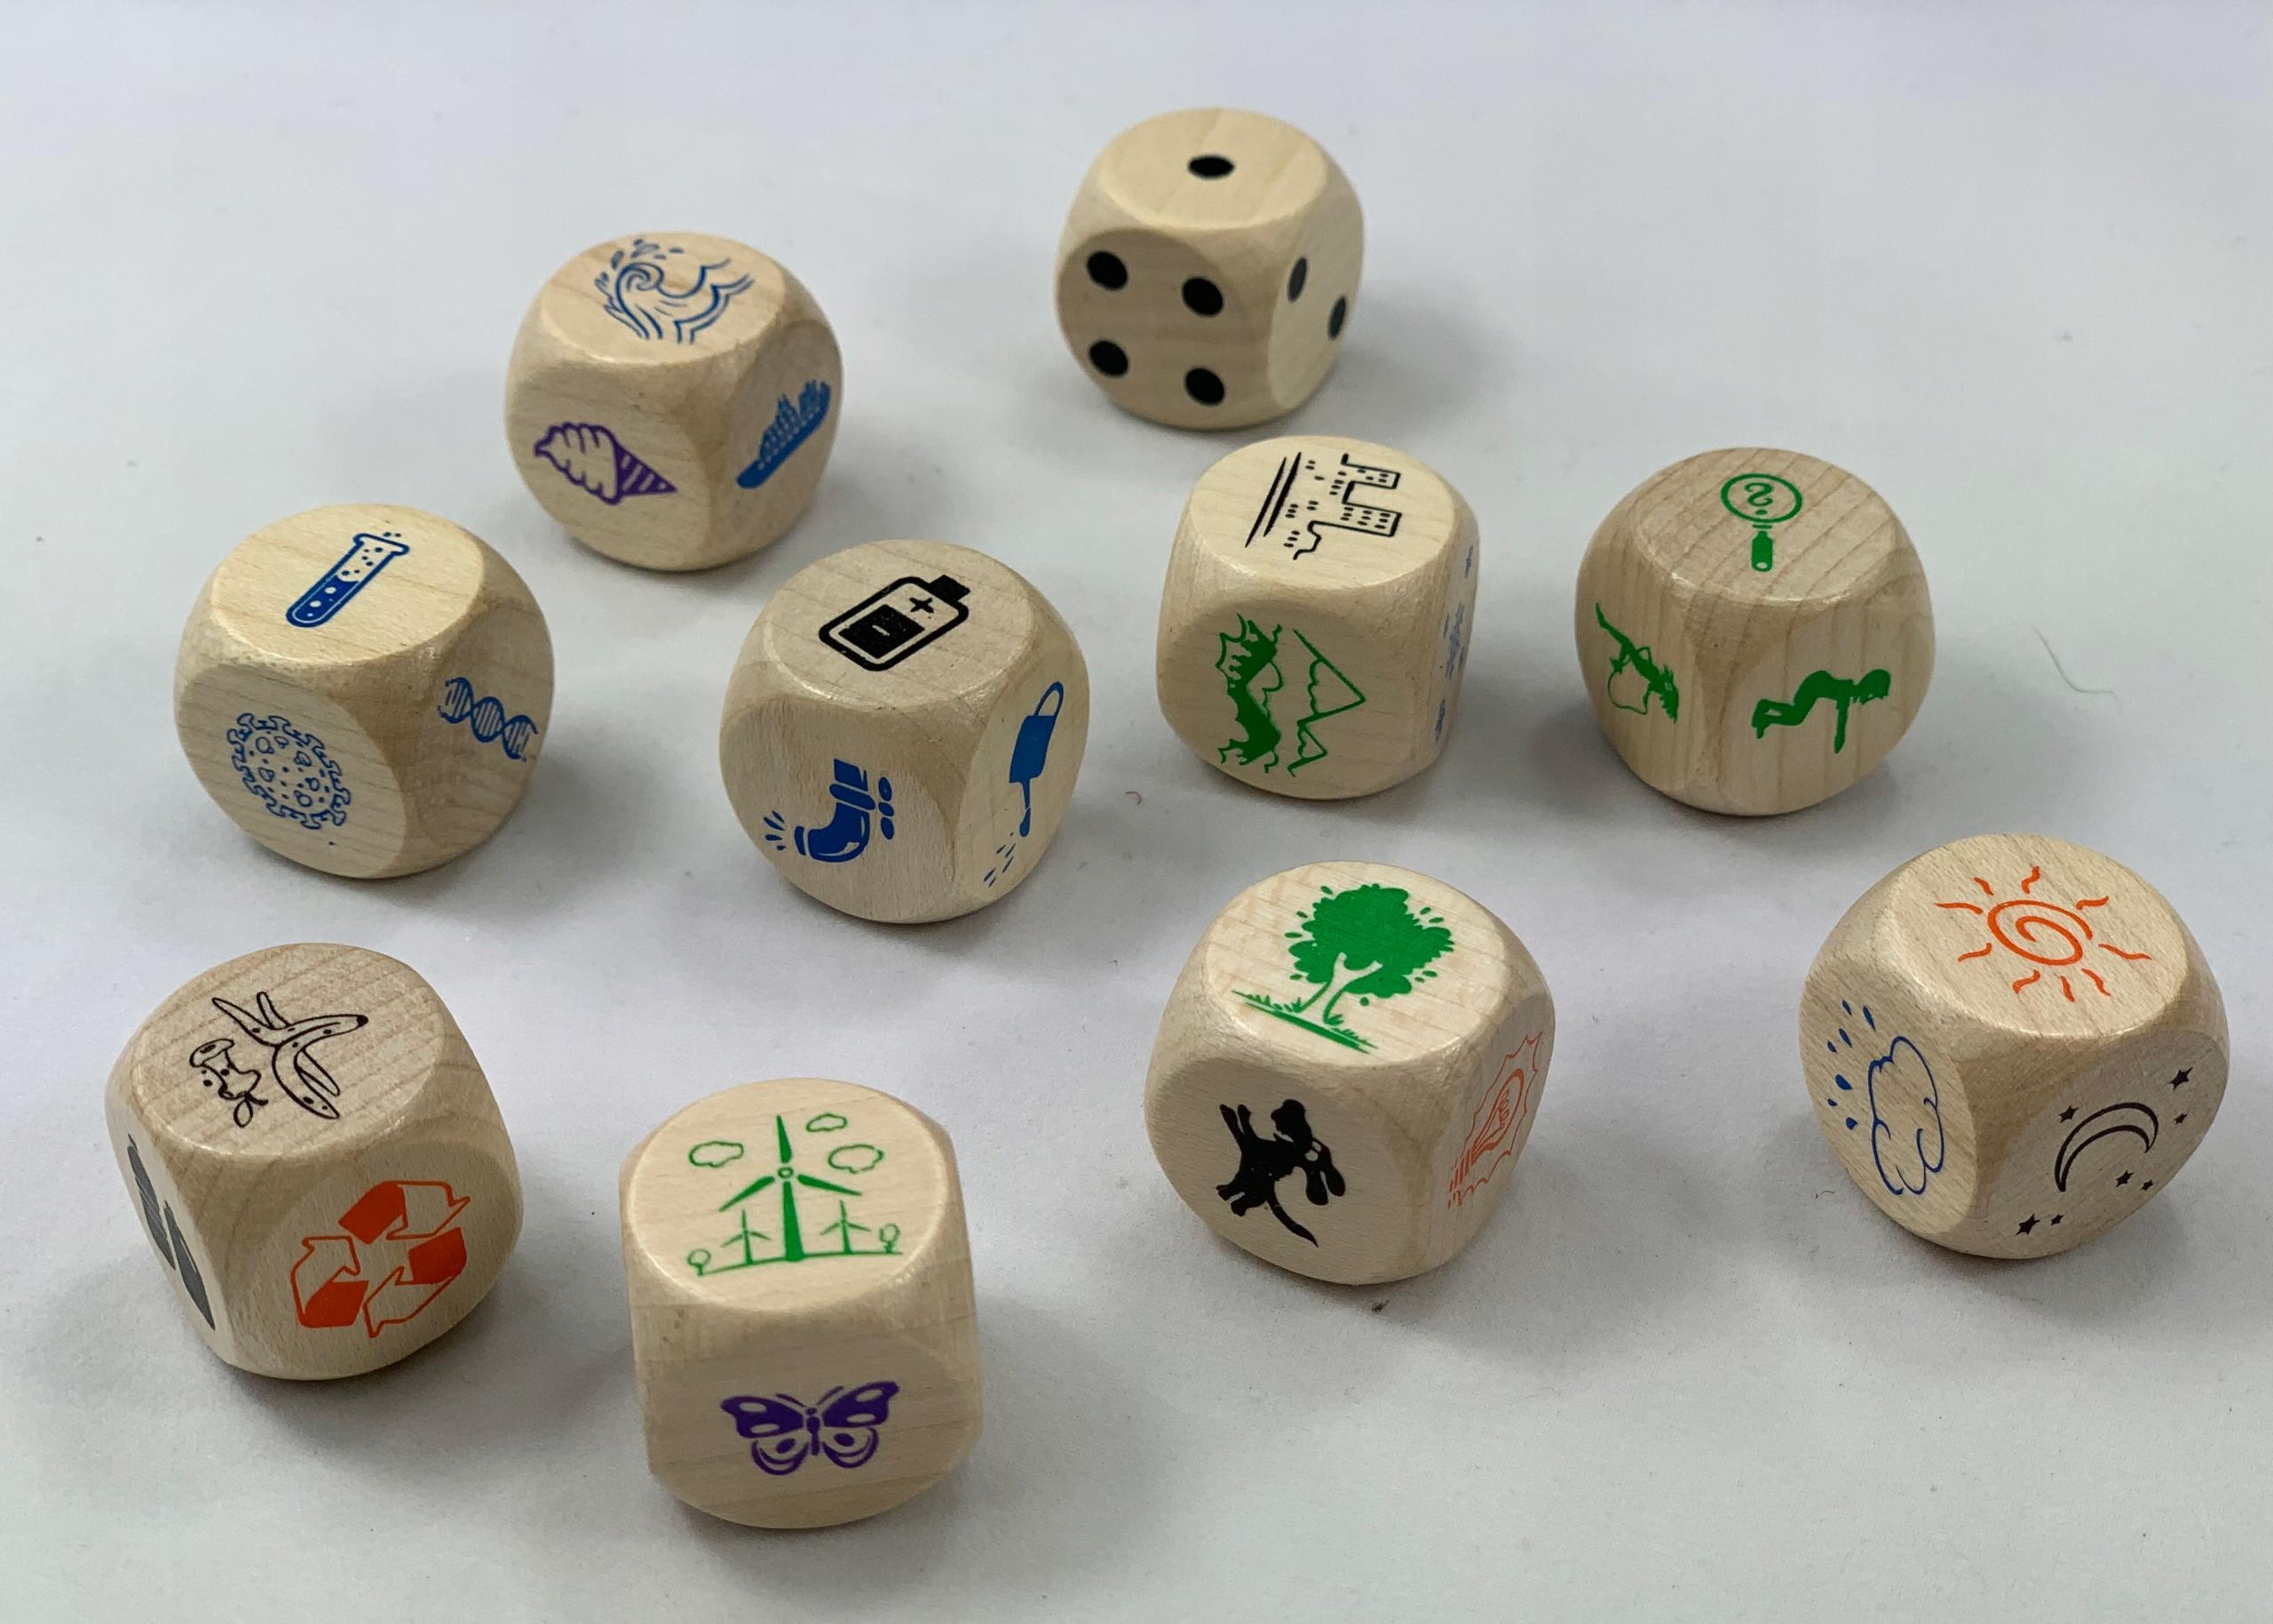 Eko gra dla dzieci OPOWIADANKI ekomania Materiał Drewno Papier Tkanina Inny